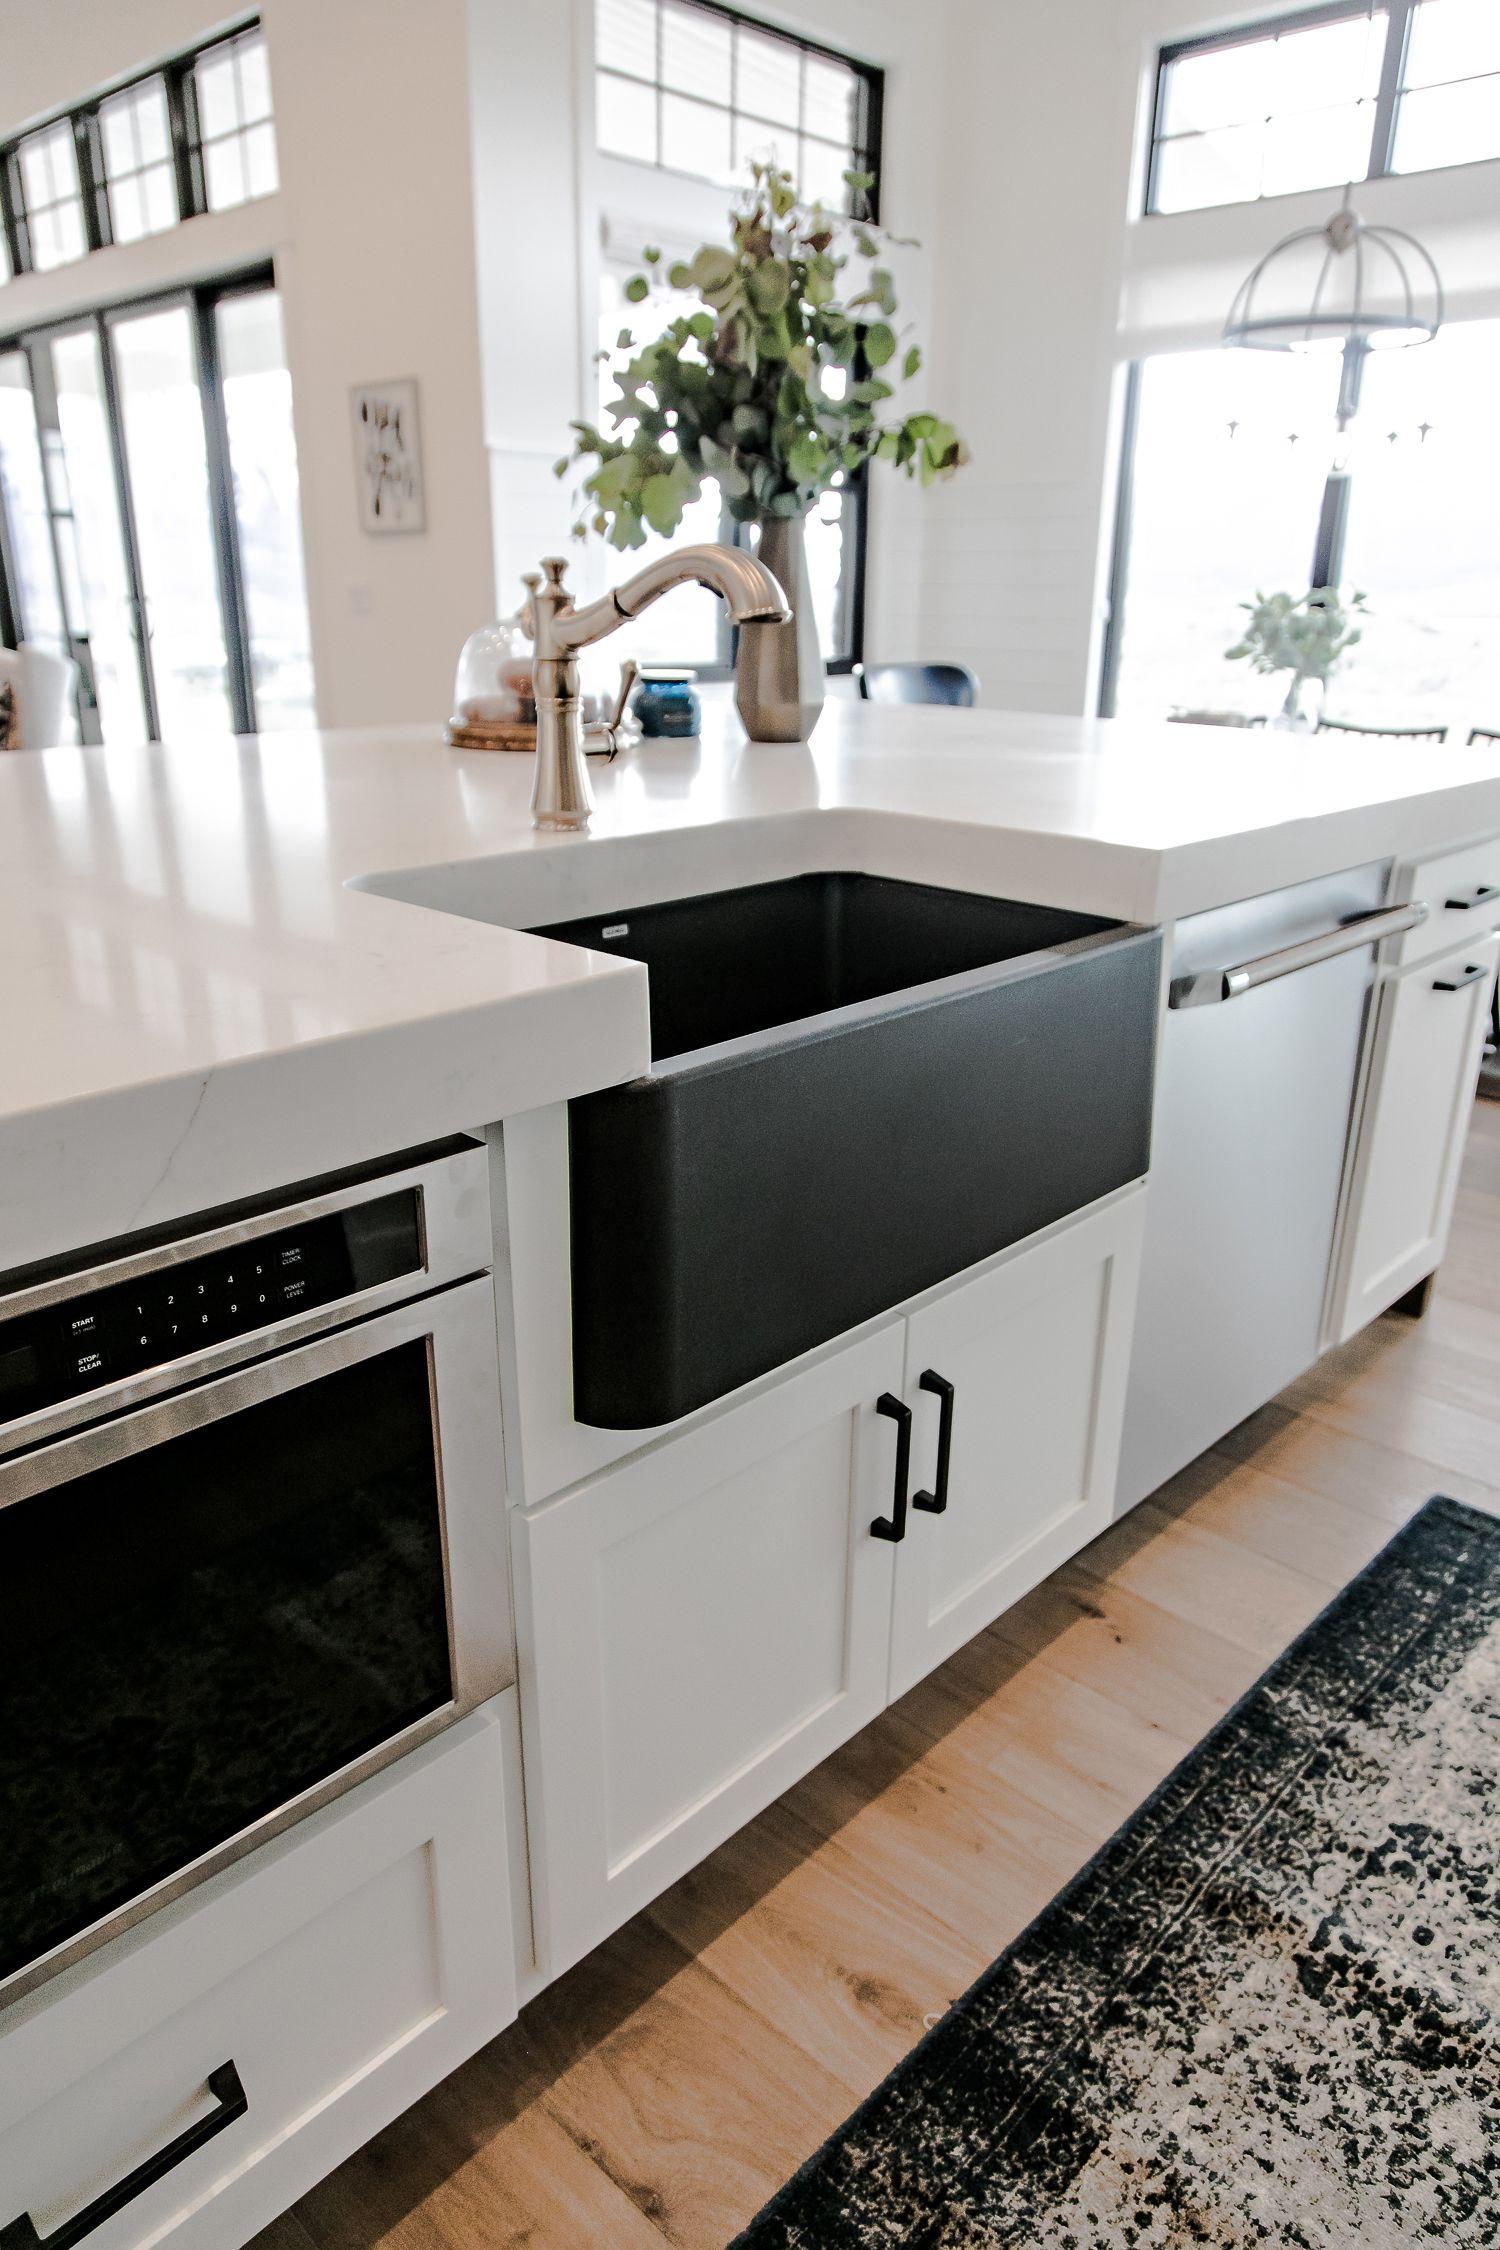 SMI Modern Farmhouse - Sita Montgomery Interiors | //kitchen ideas ...